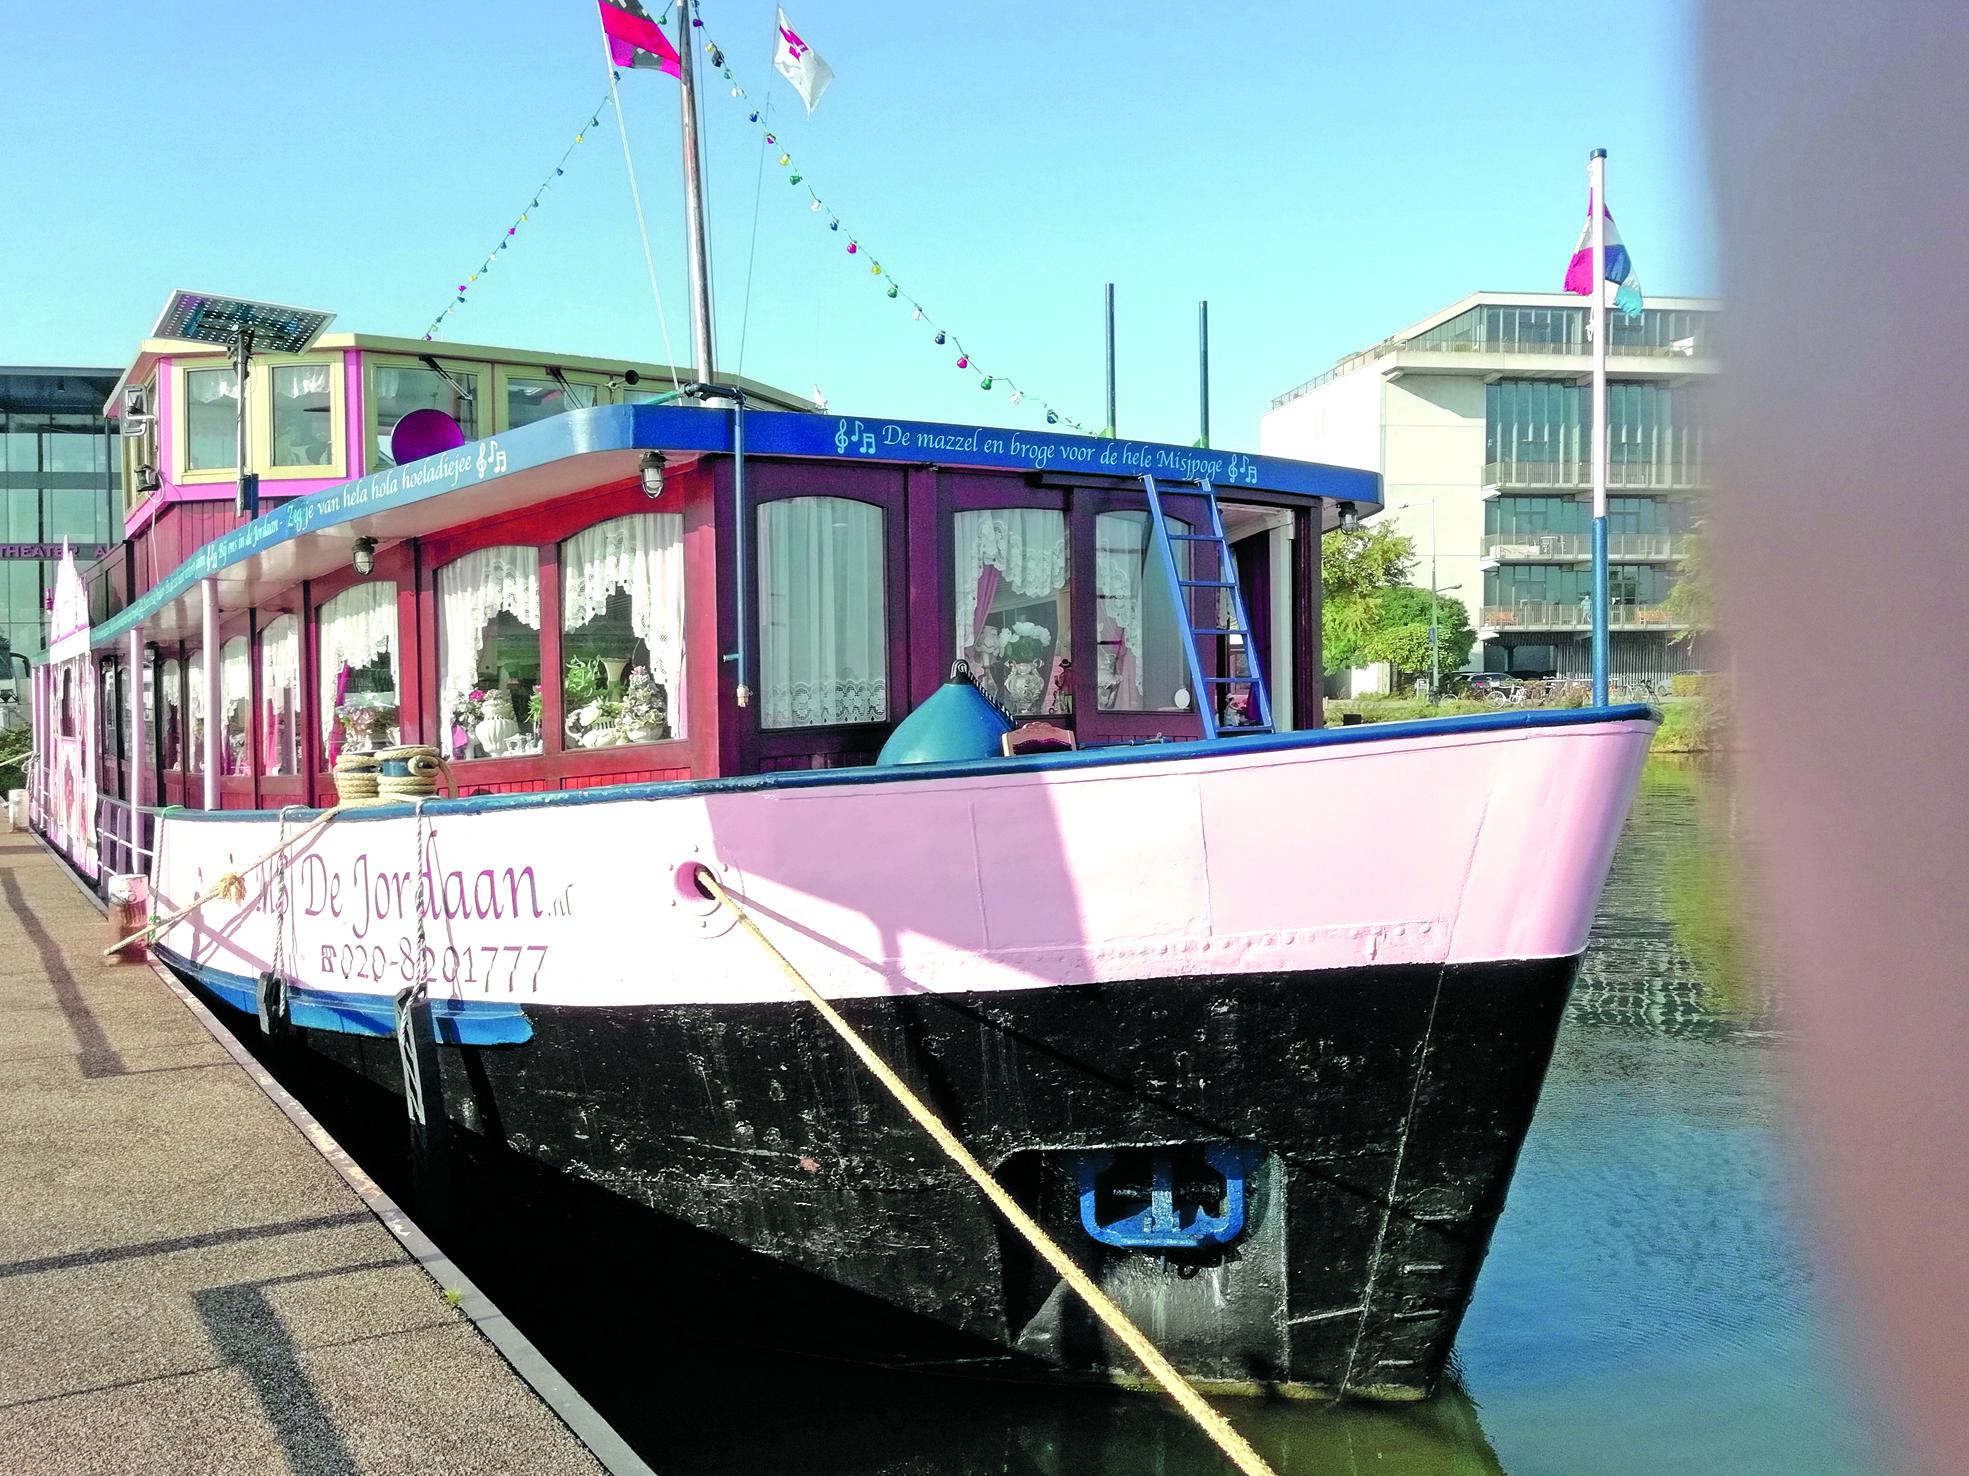 De Jordaanboot. (Foto: aangeleverd)